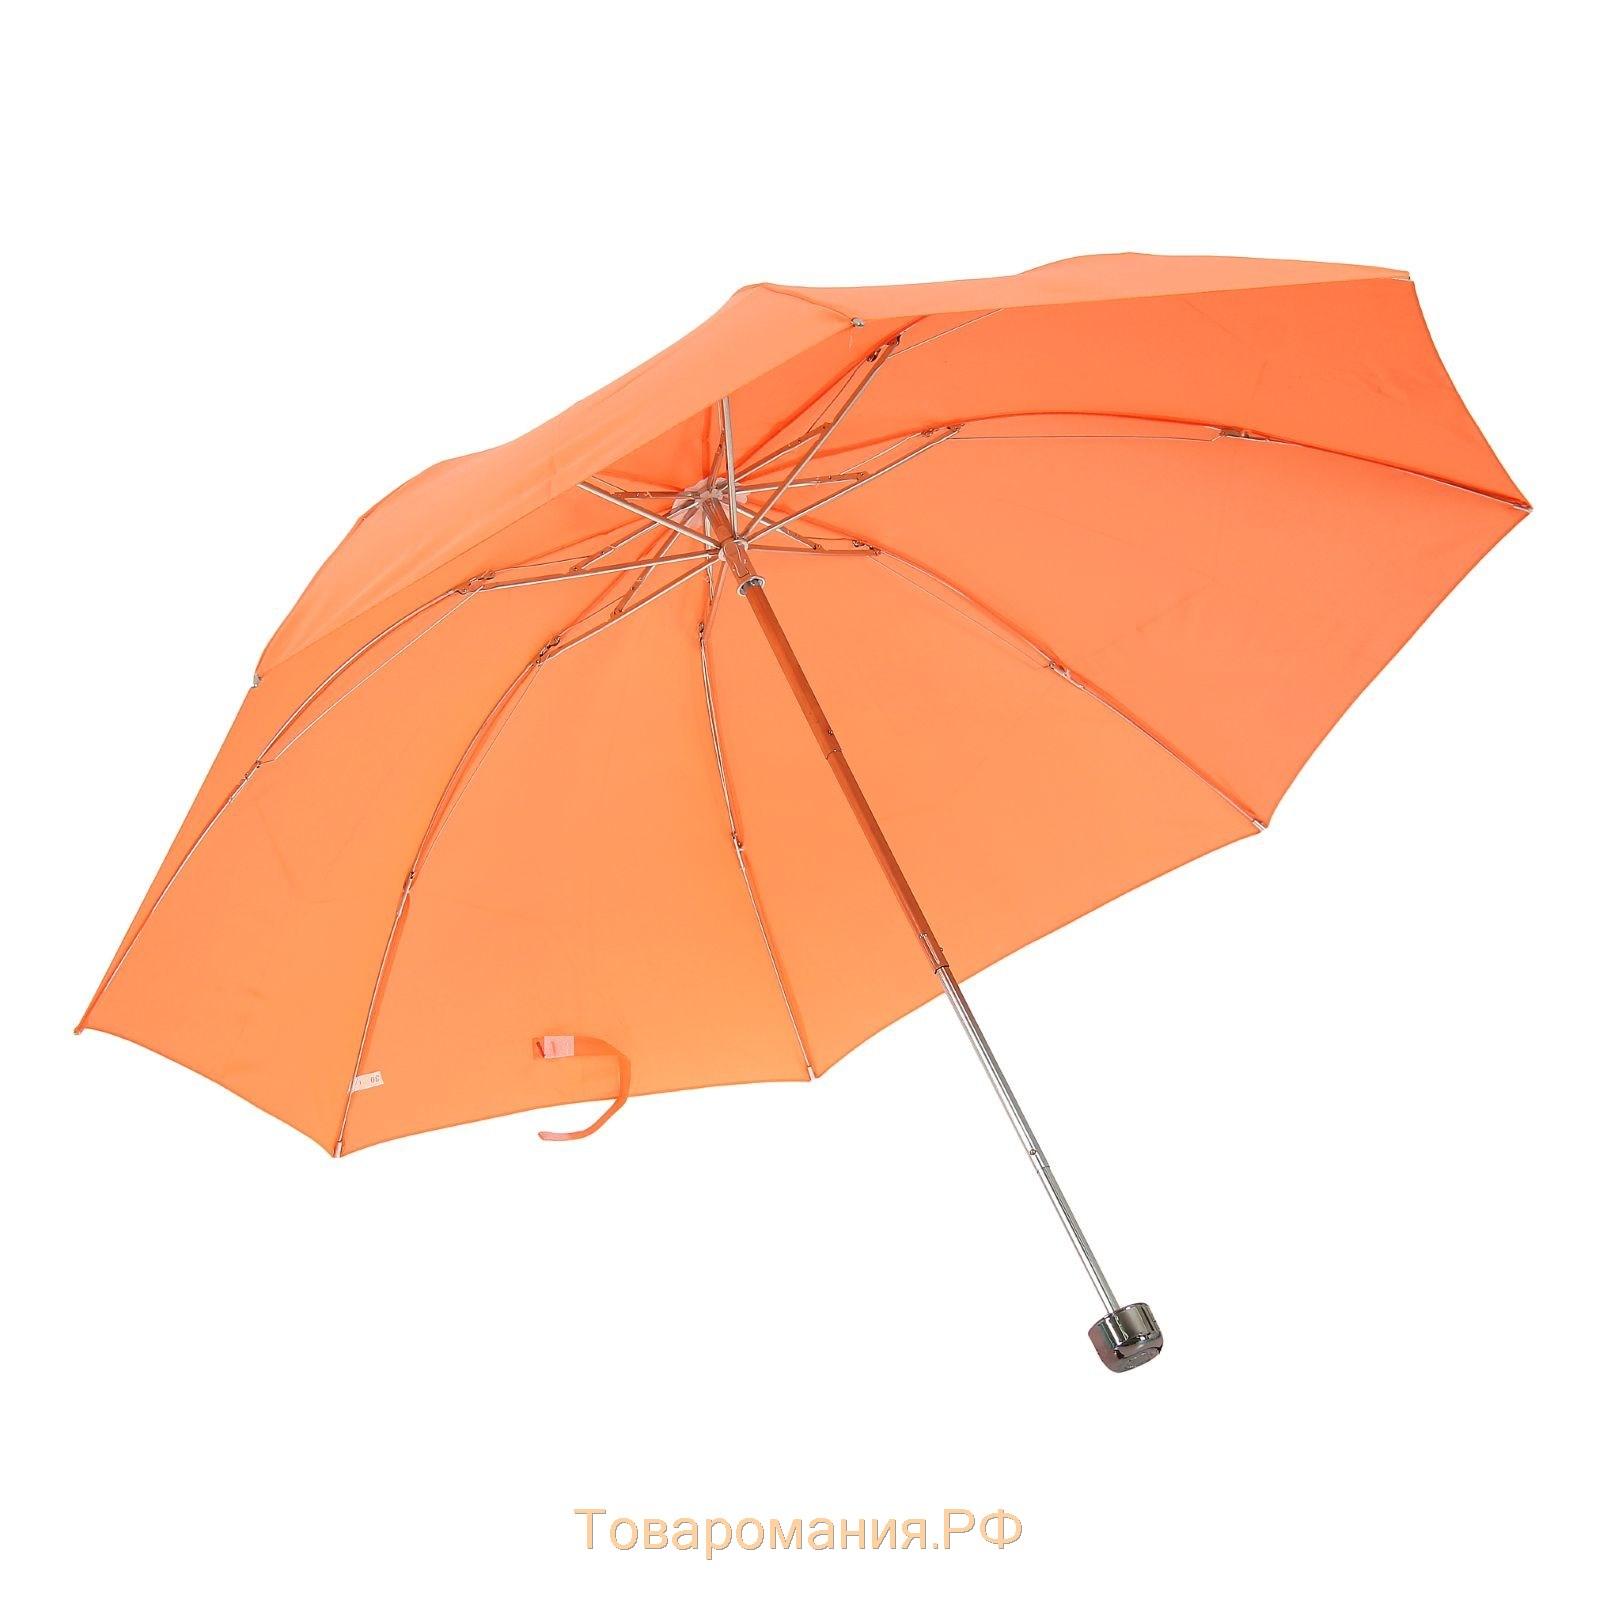 Зонт с проявляющимся рисунком при намокании видео